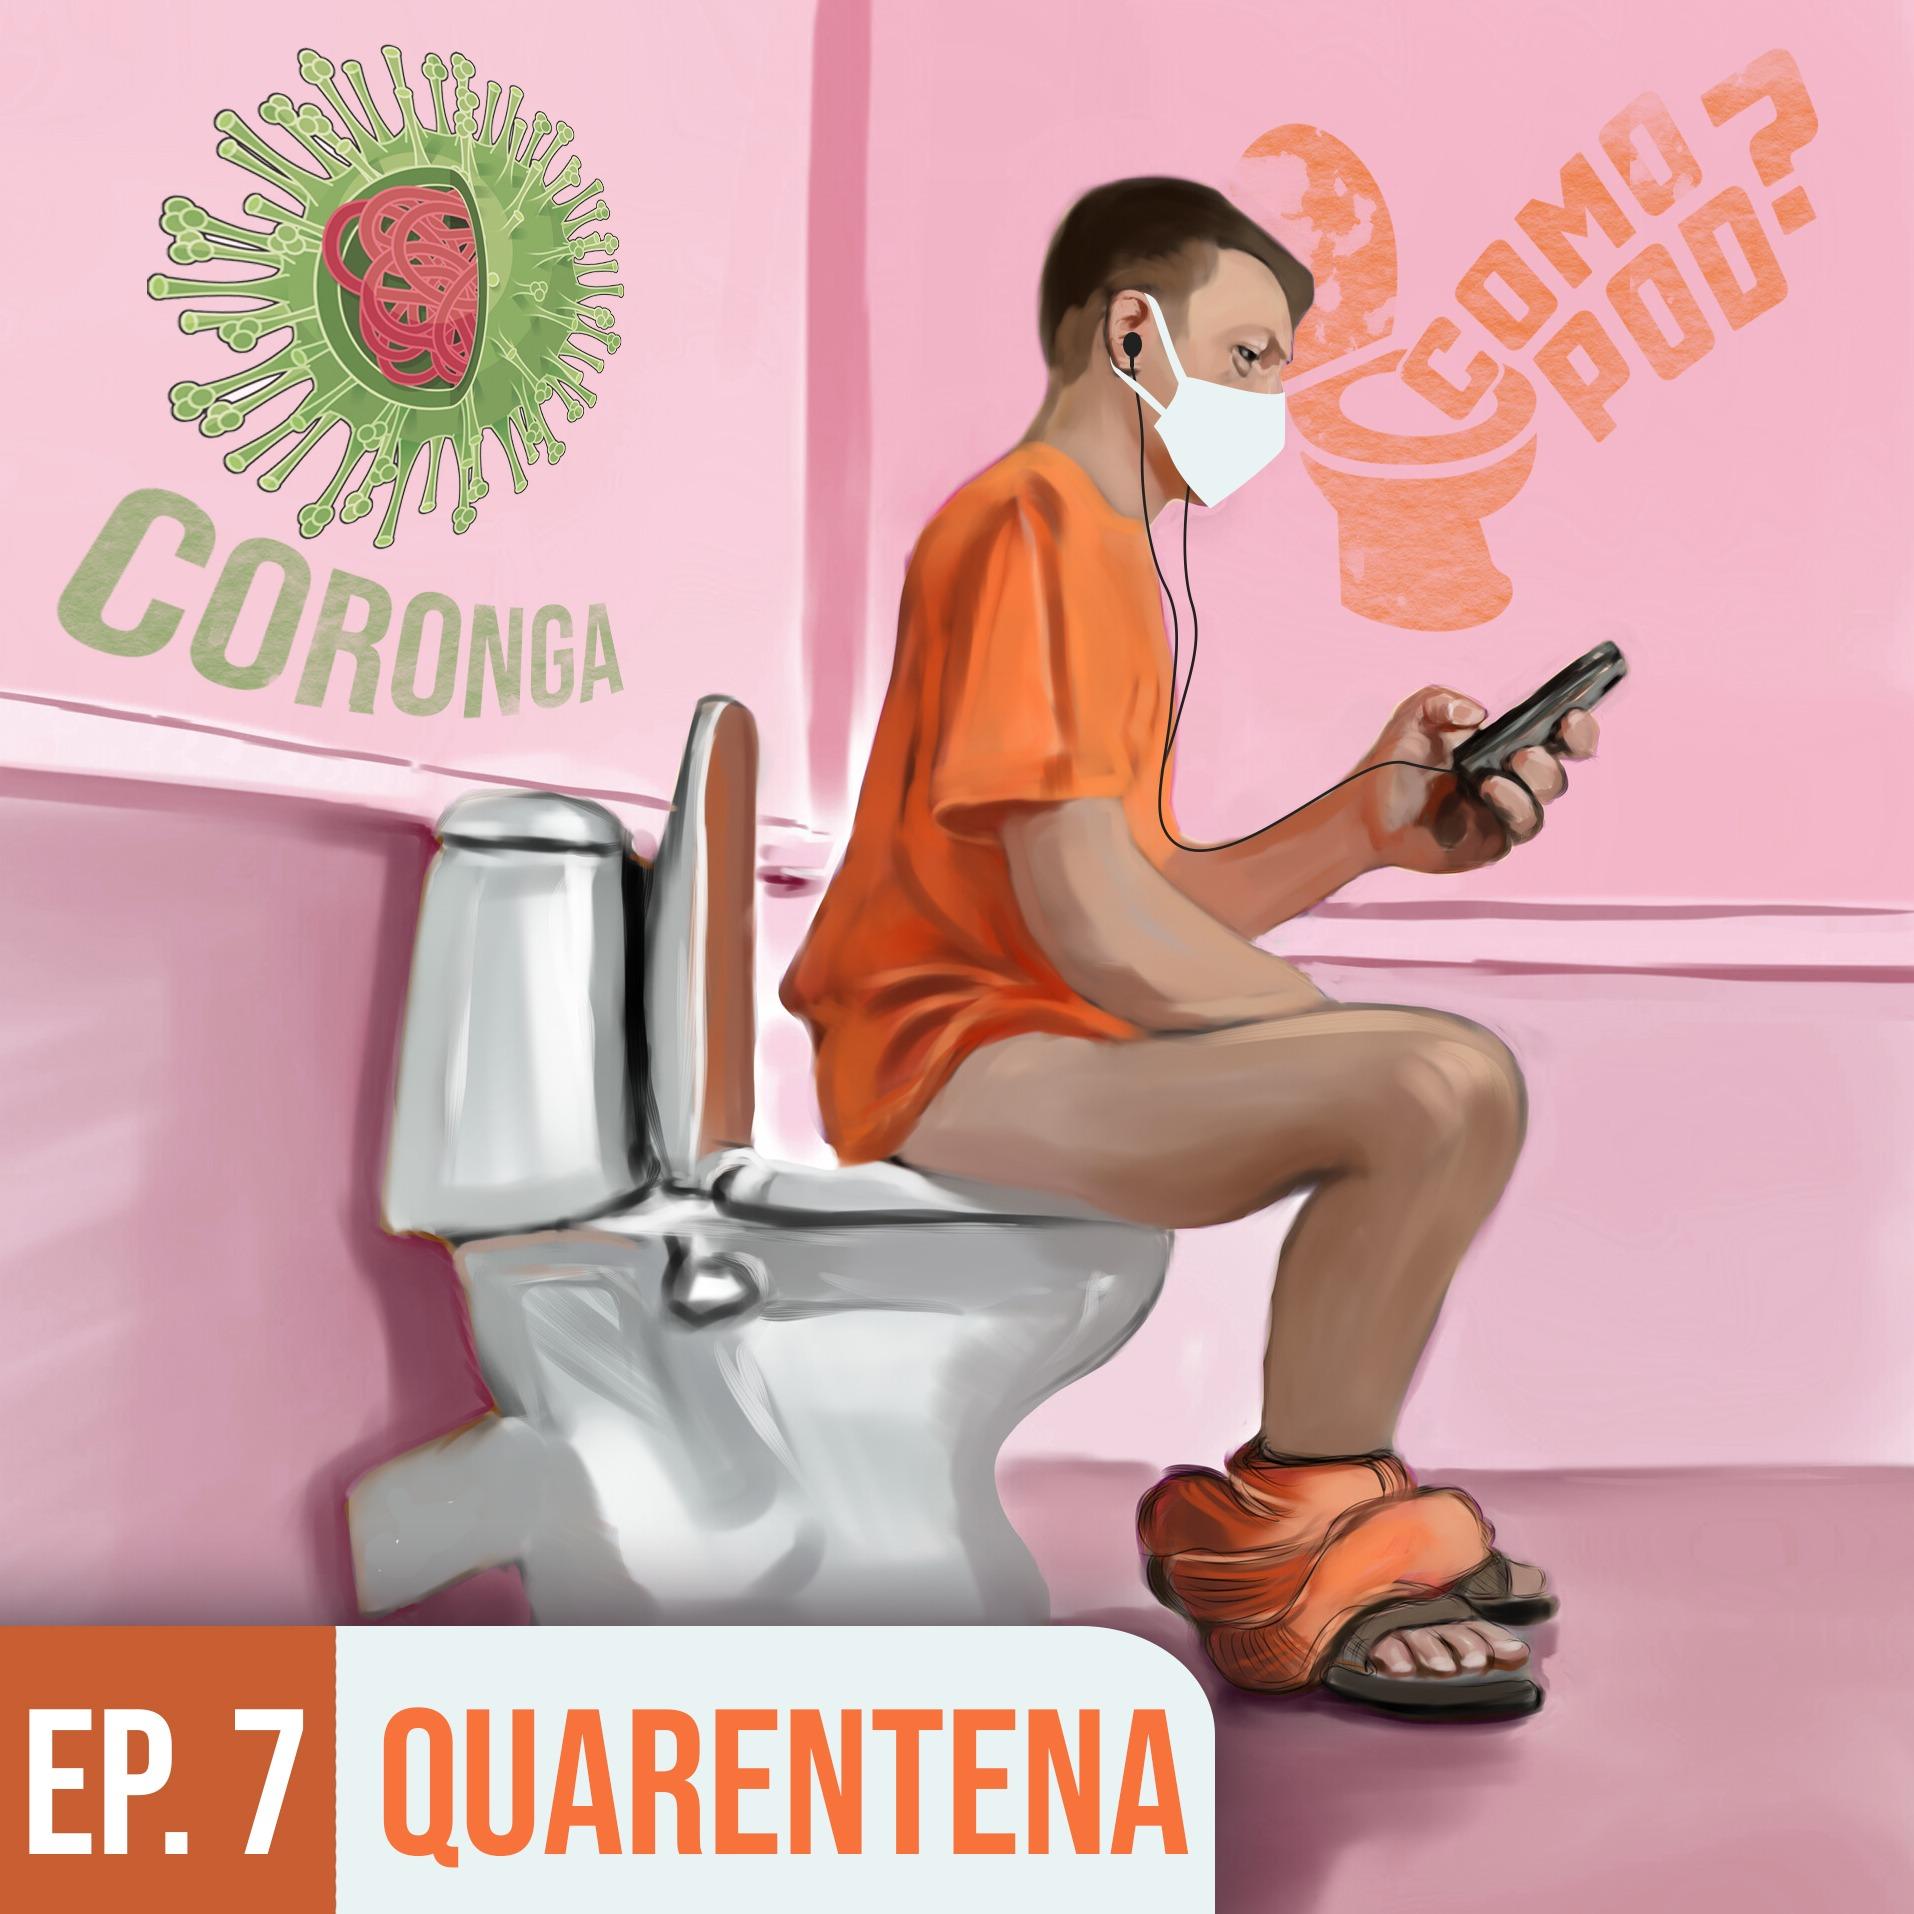 Comopod#7 - Quarentena